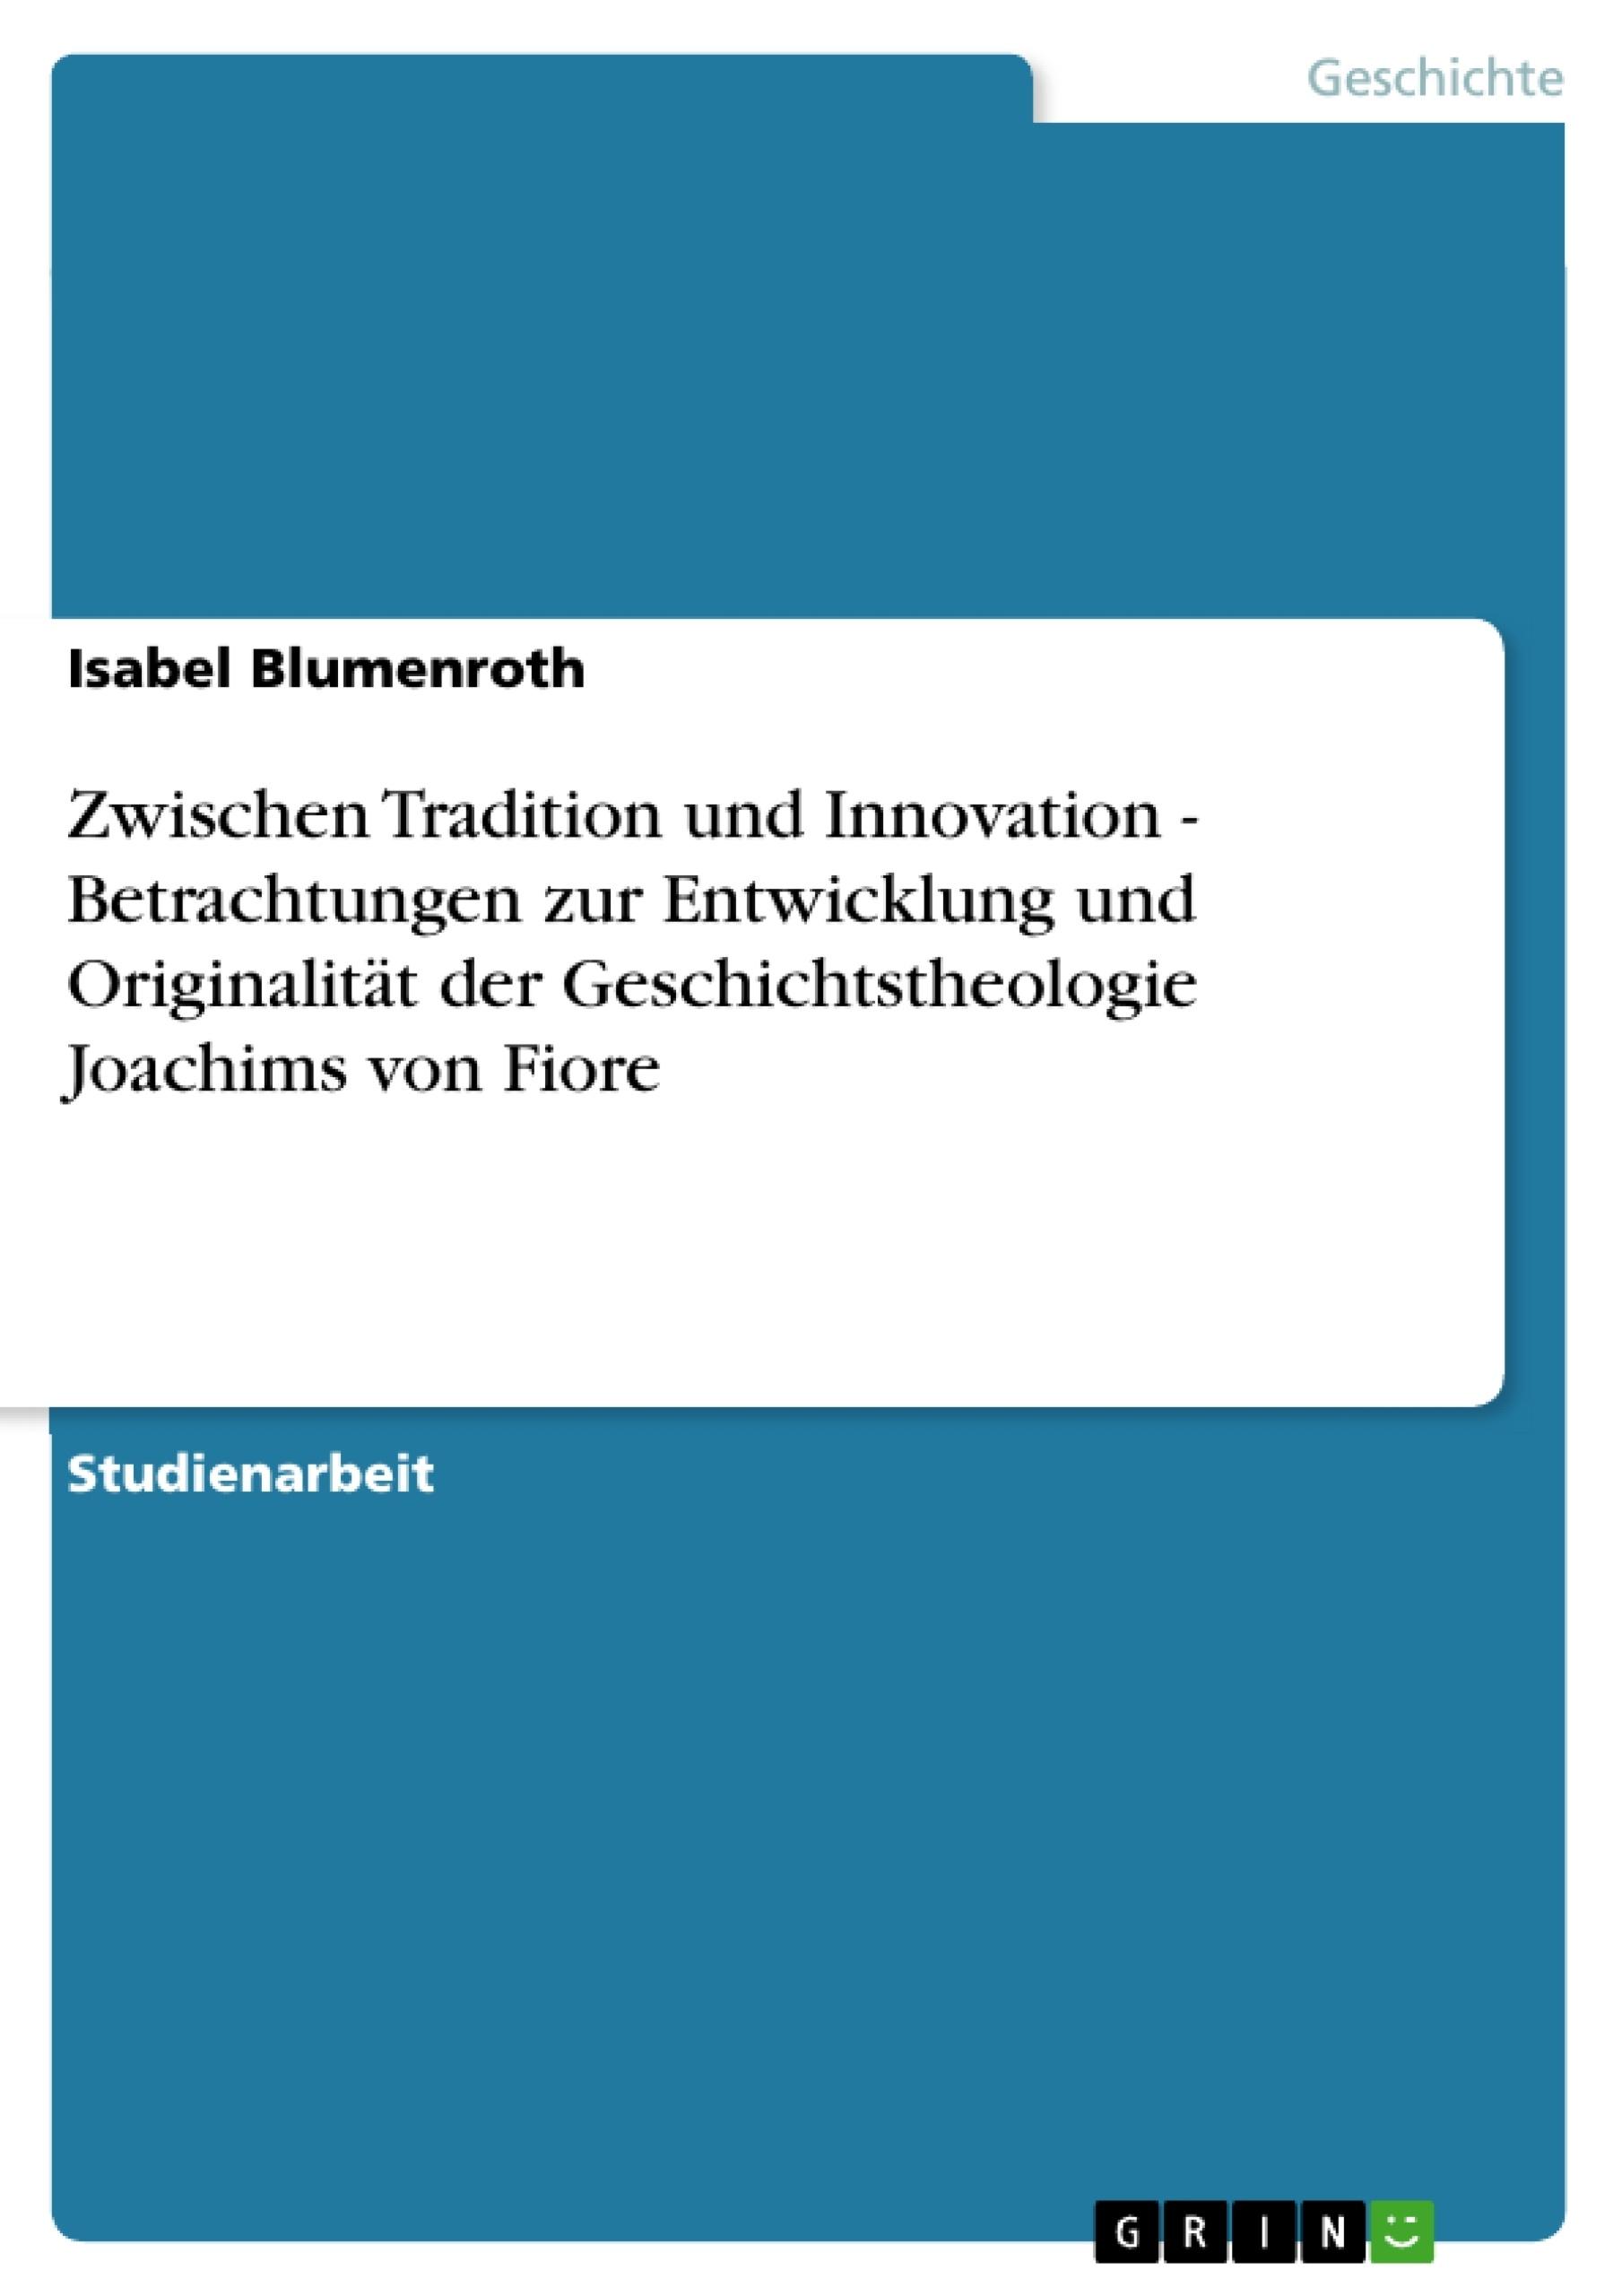 Titel: Zwischen Tradition und Innovation - Betrachtungen zur Entwicklung und Originalität der Geschichtstheologie Joachims von Fiore